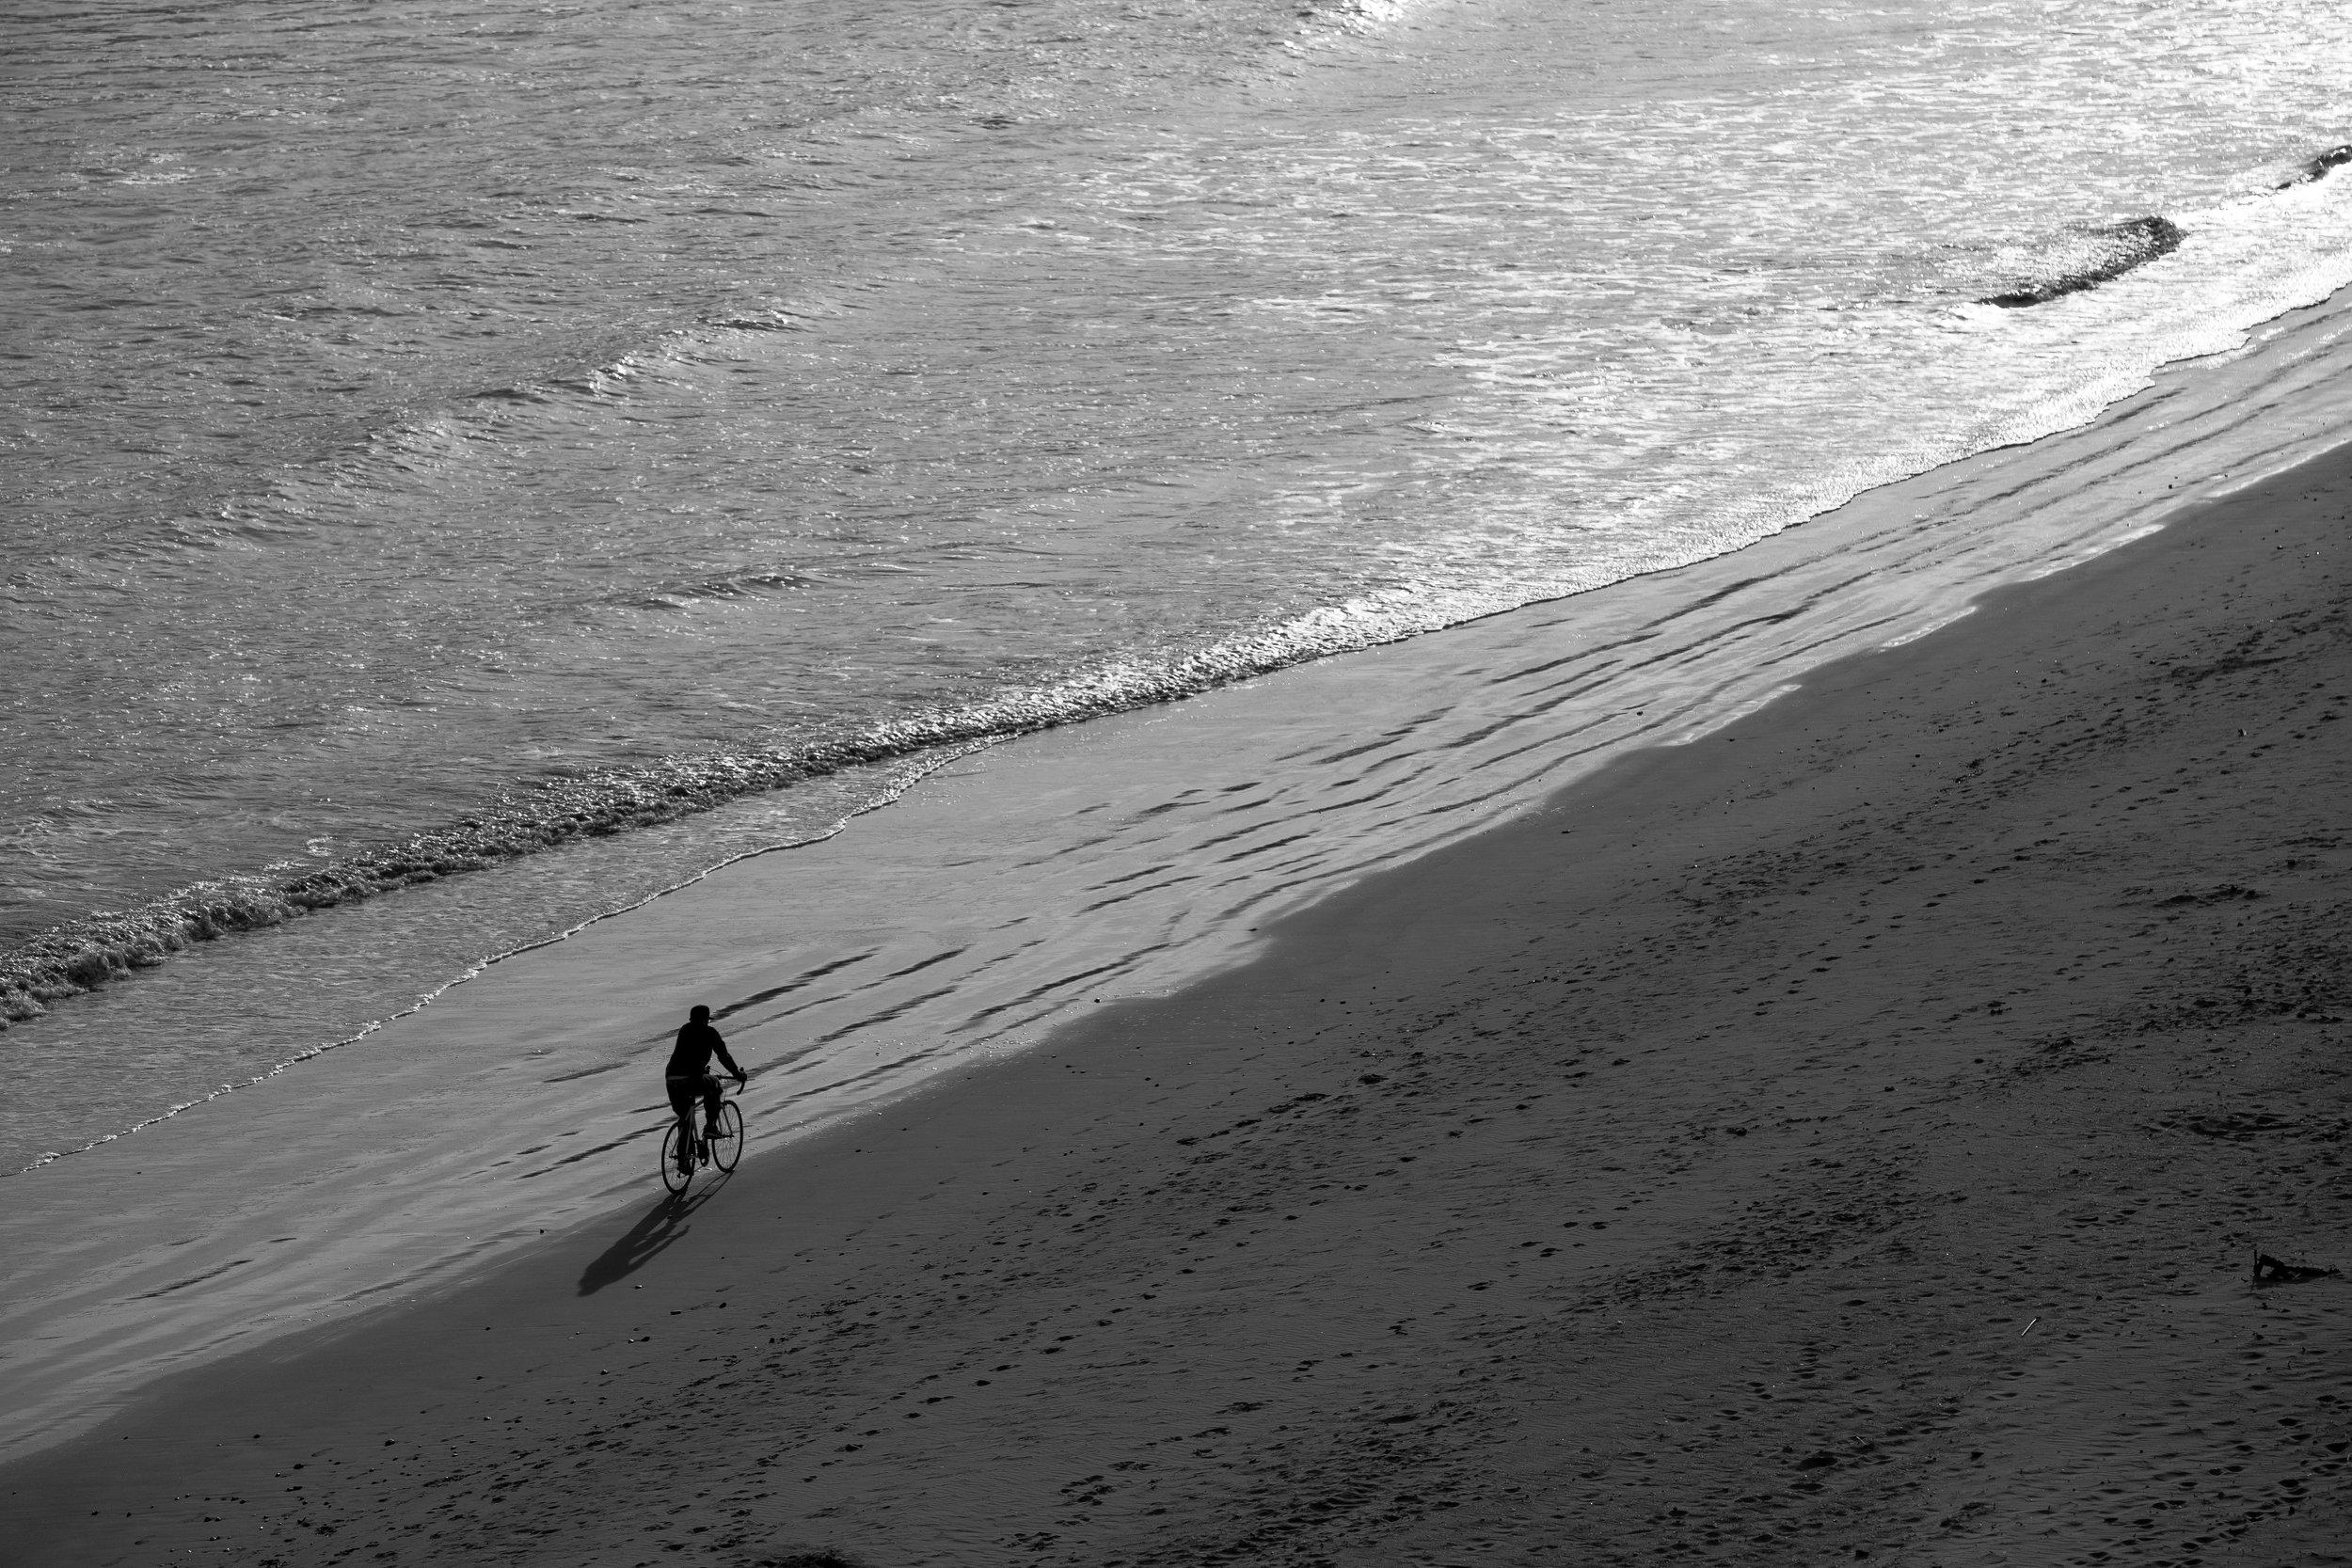 beach-bicycle-bike-1597149.jpg